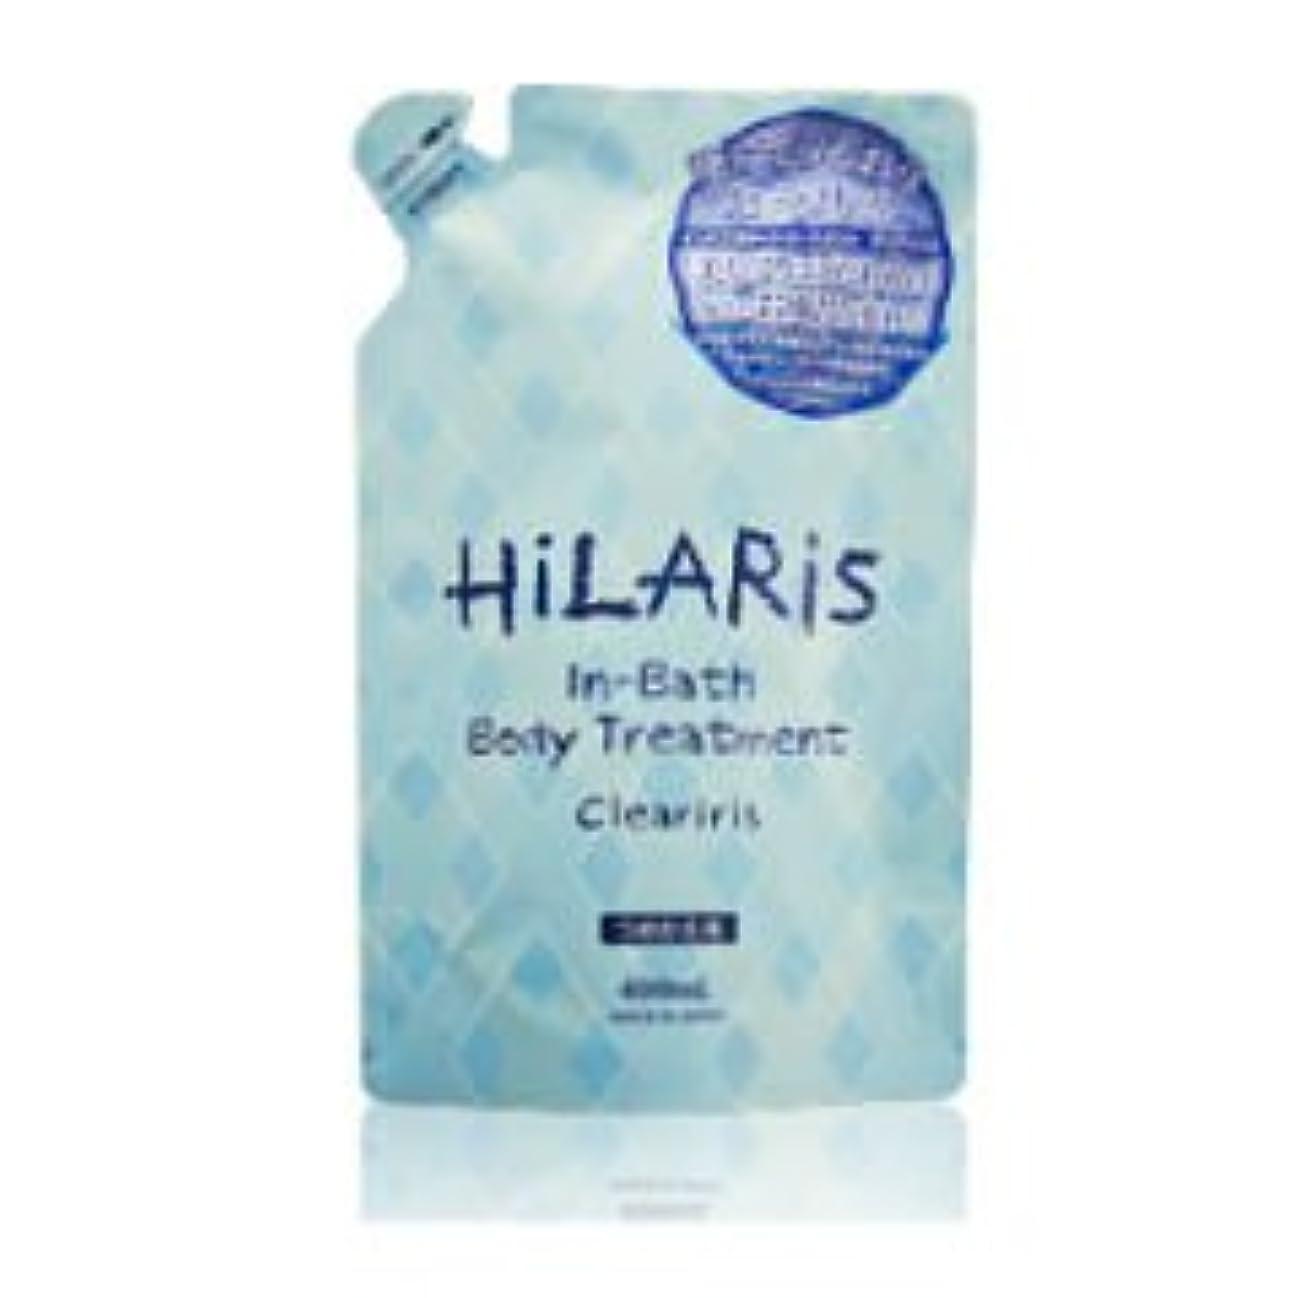 徴収普及マニアックヒラリス(HiLARiS)クリアイリスインバスボディトリートメント詰替